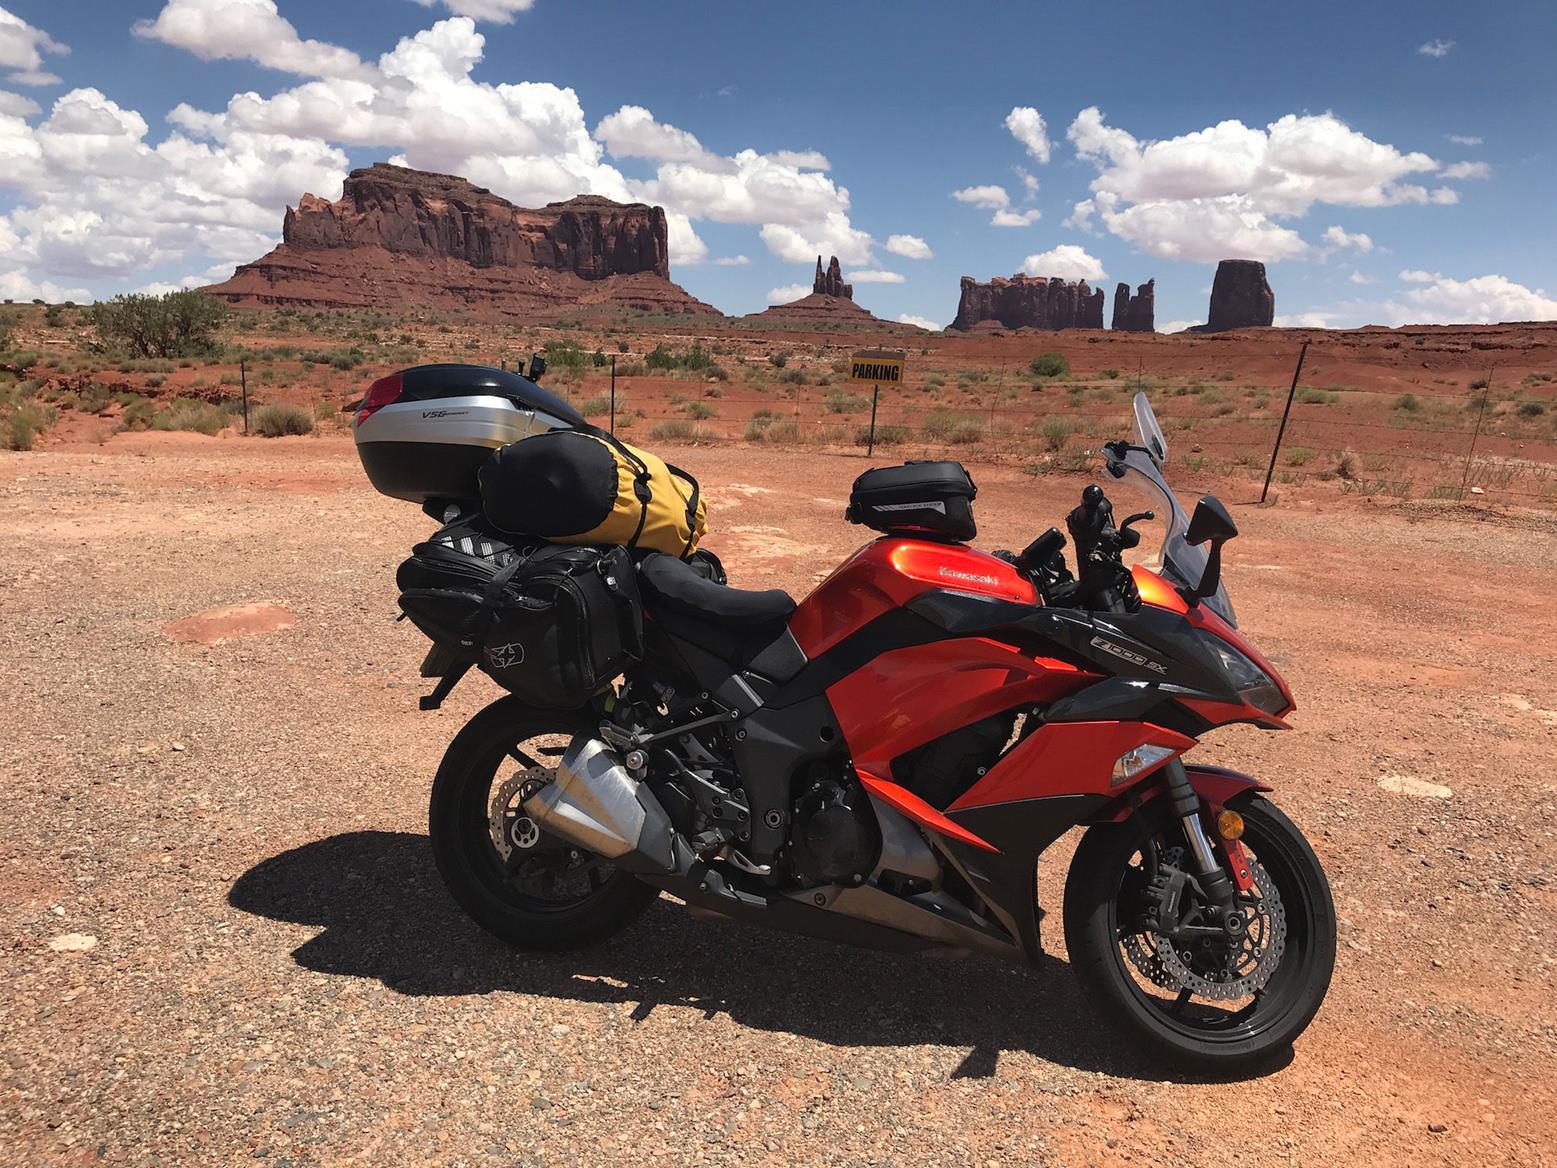 The Kawasaki Z1000SX at Monument Valley